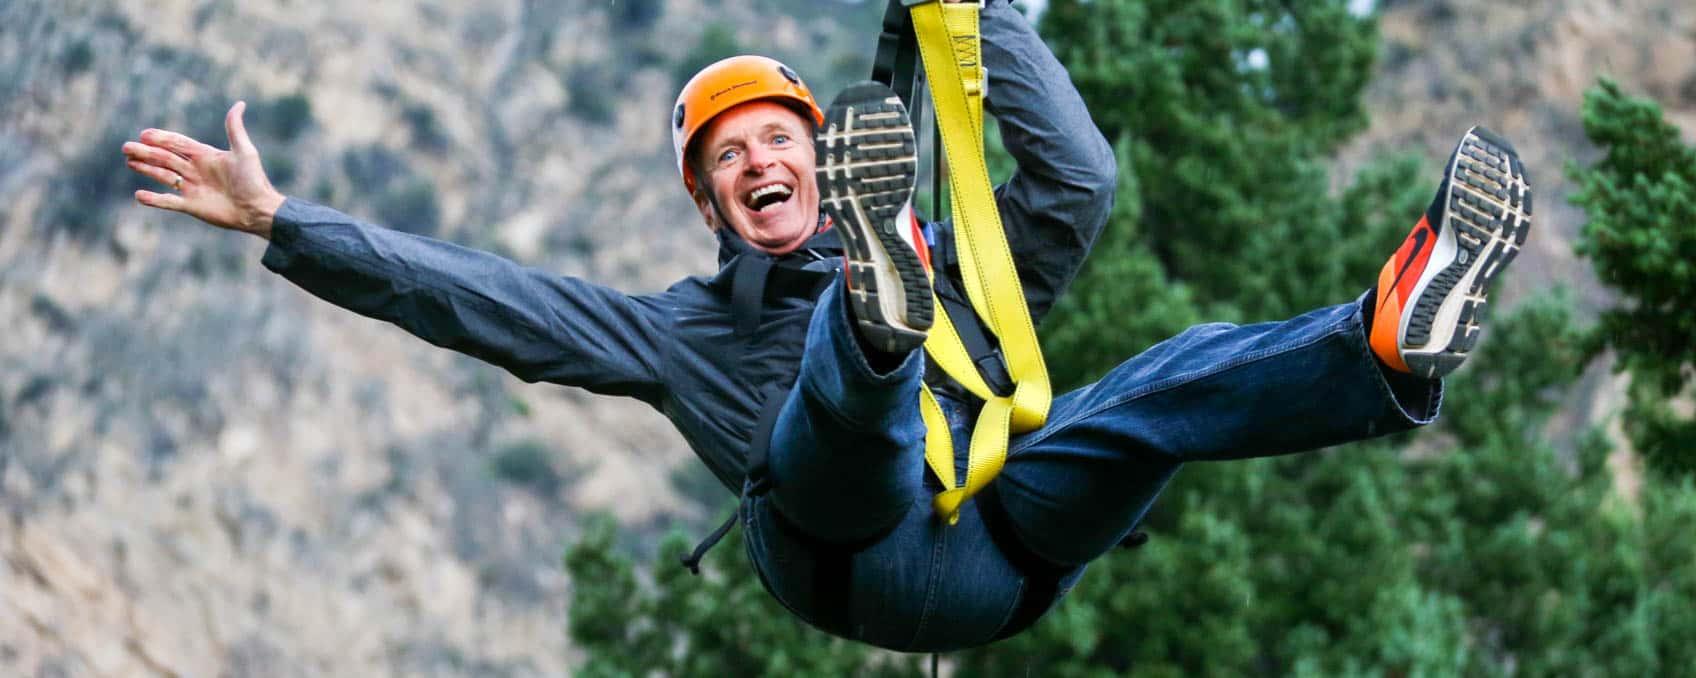 man-ziplining-laughing